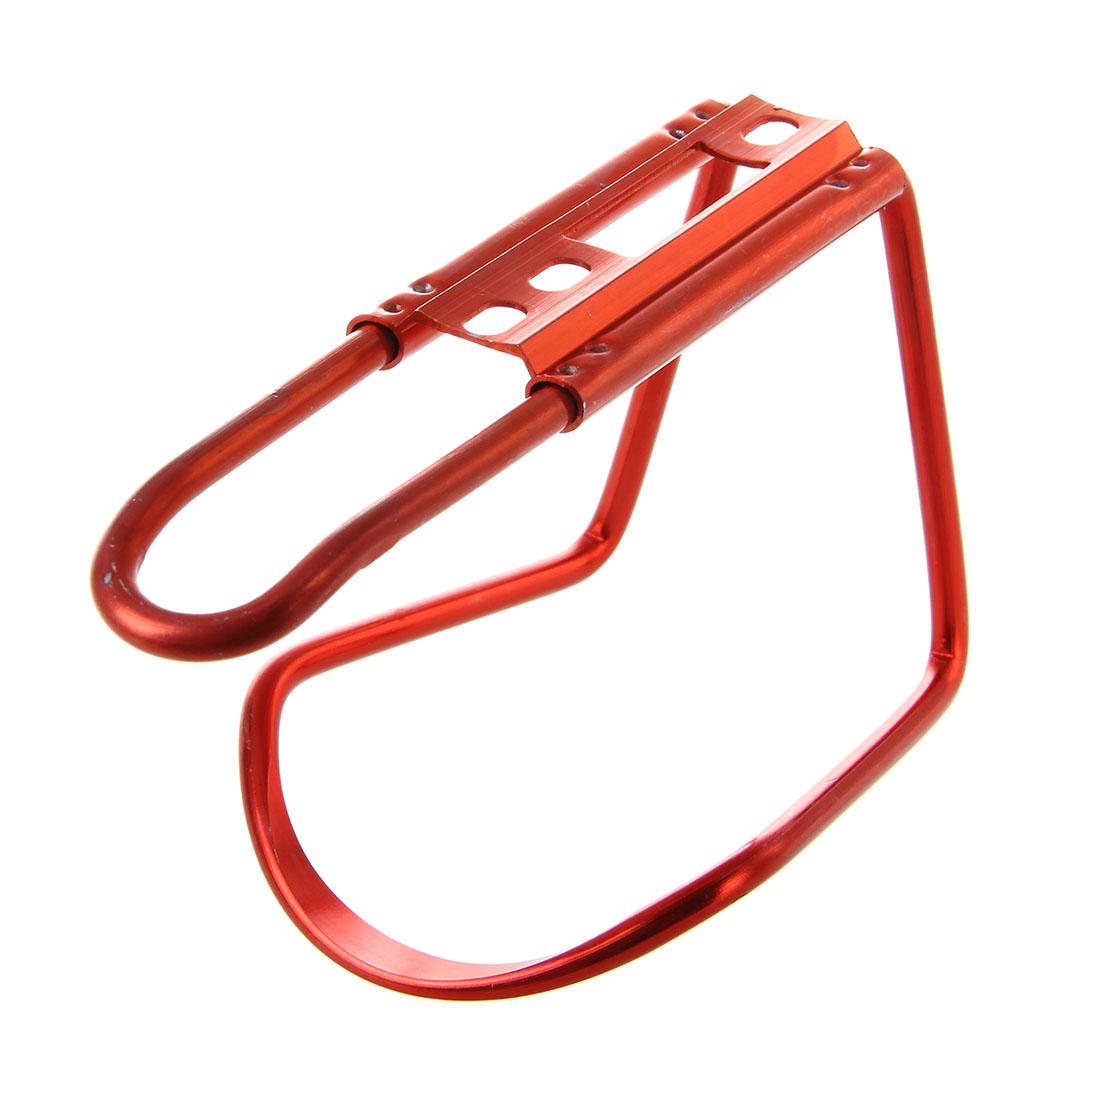 s2 fahrrad trinkflaschenhalter flasche halter rot trinkflaschen halterung ebay. Black Bedroom Furniture Sets. Home Design Ideas